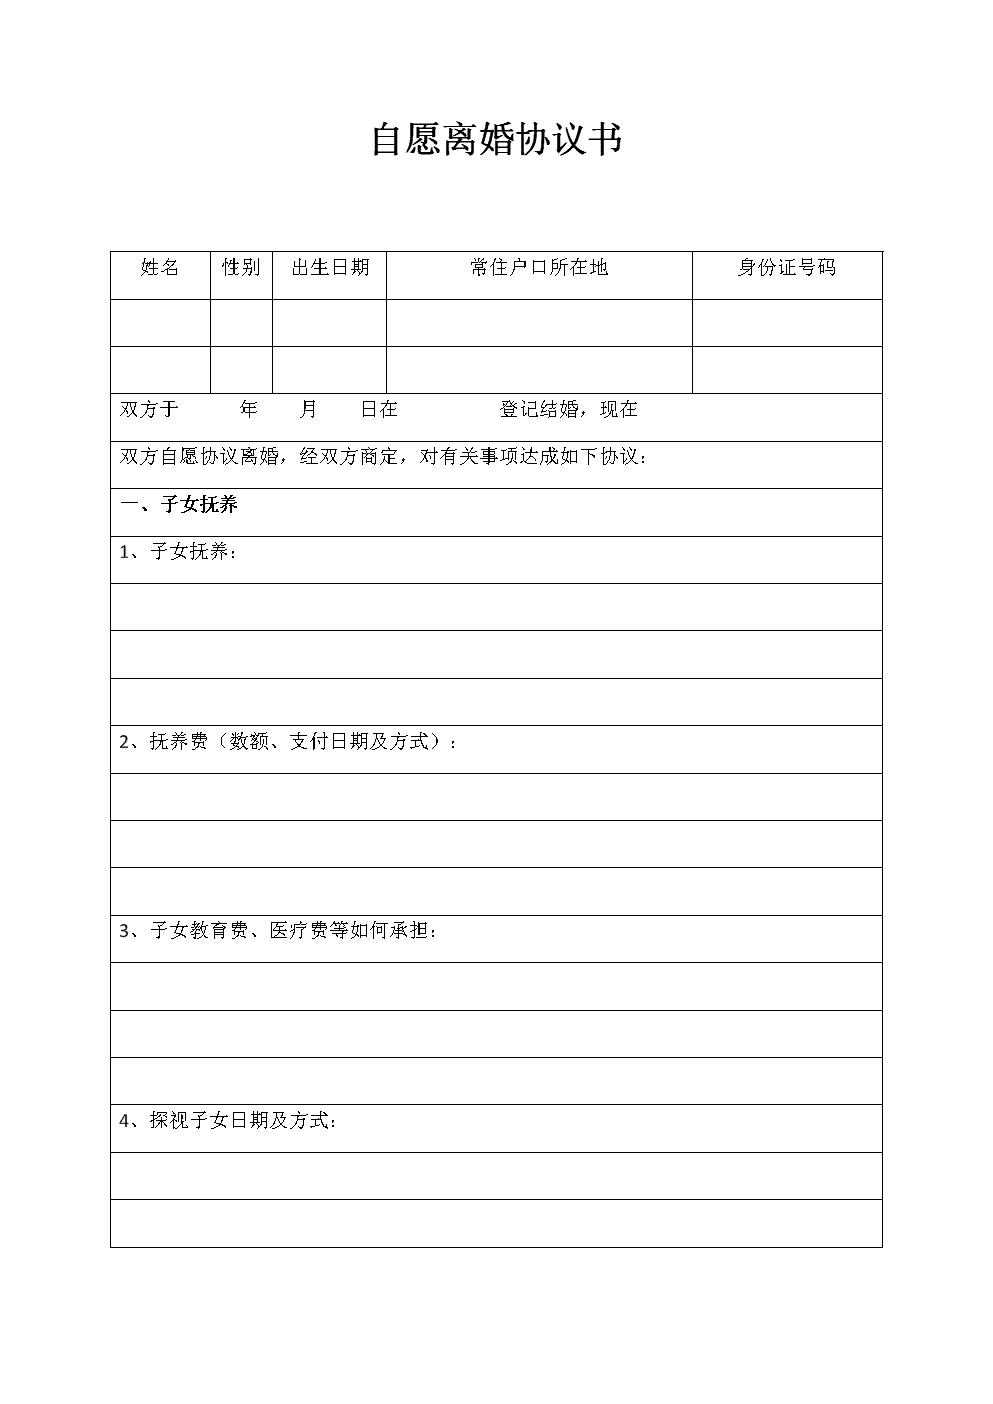 20.新增 自愿离婚协议书 表格版.docx